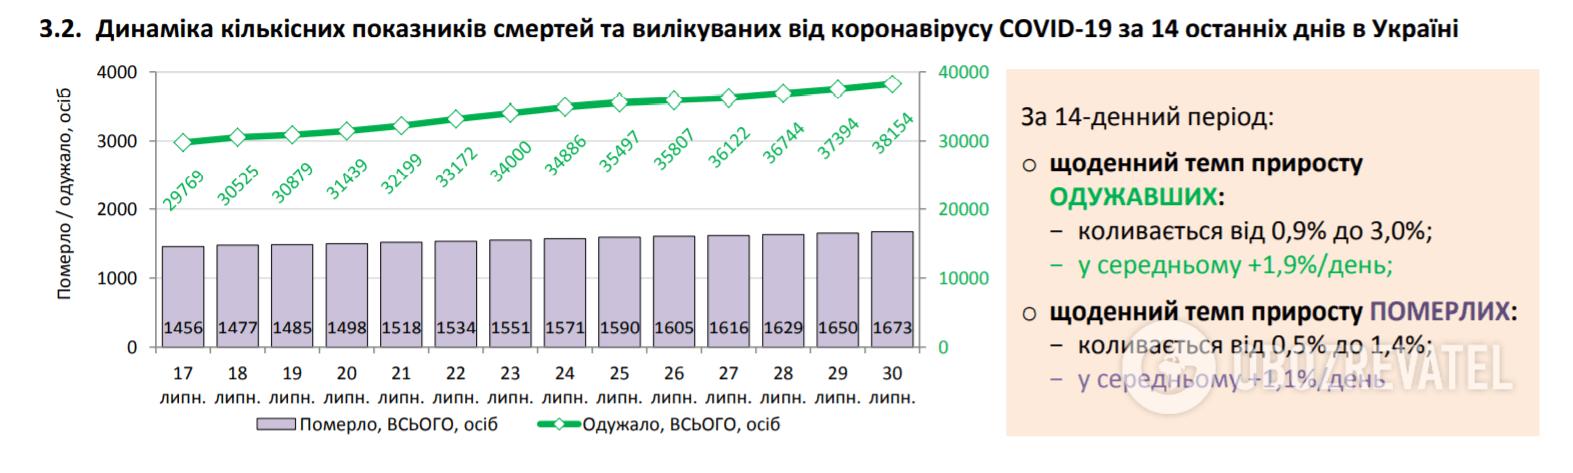 Статистика по COVID-19 в Україні